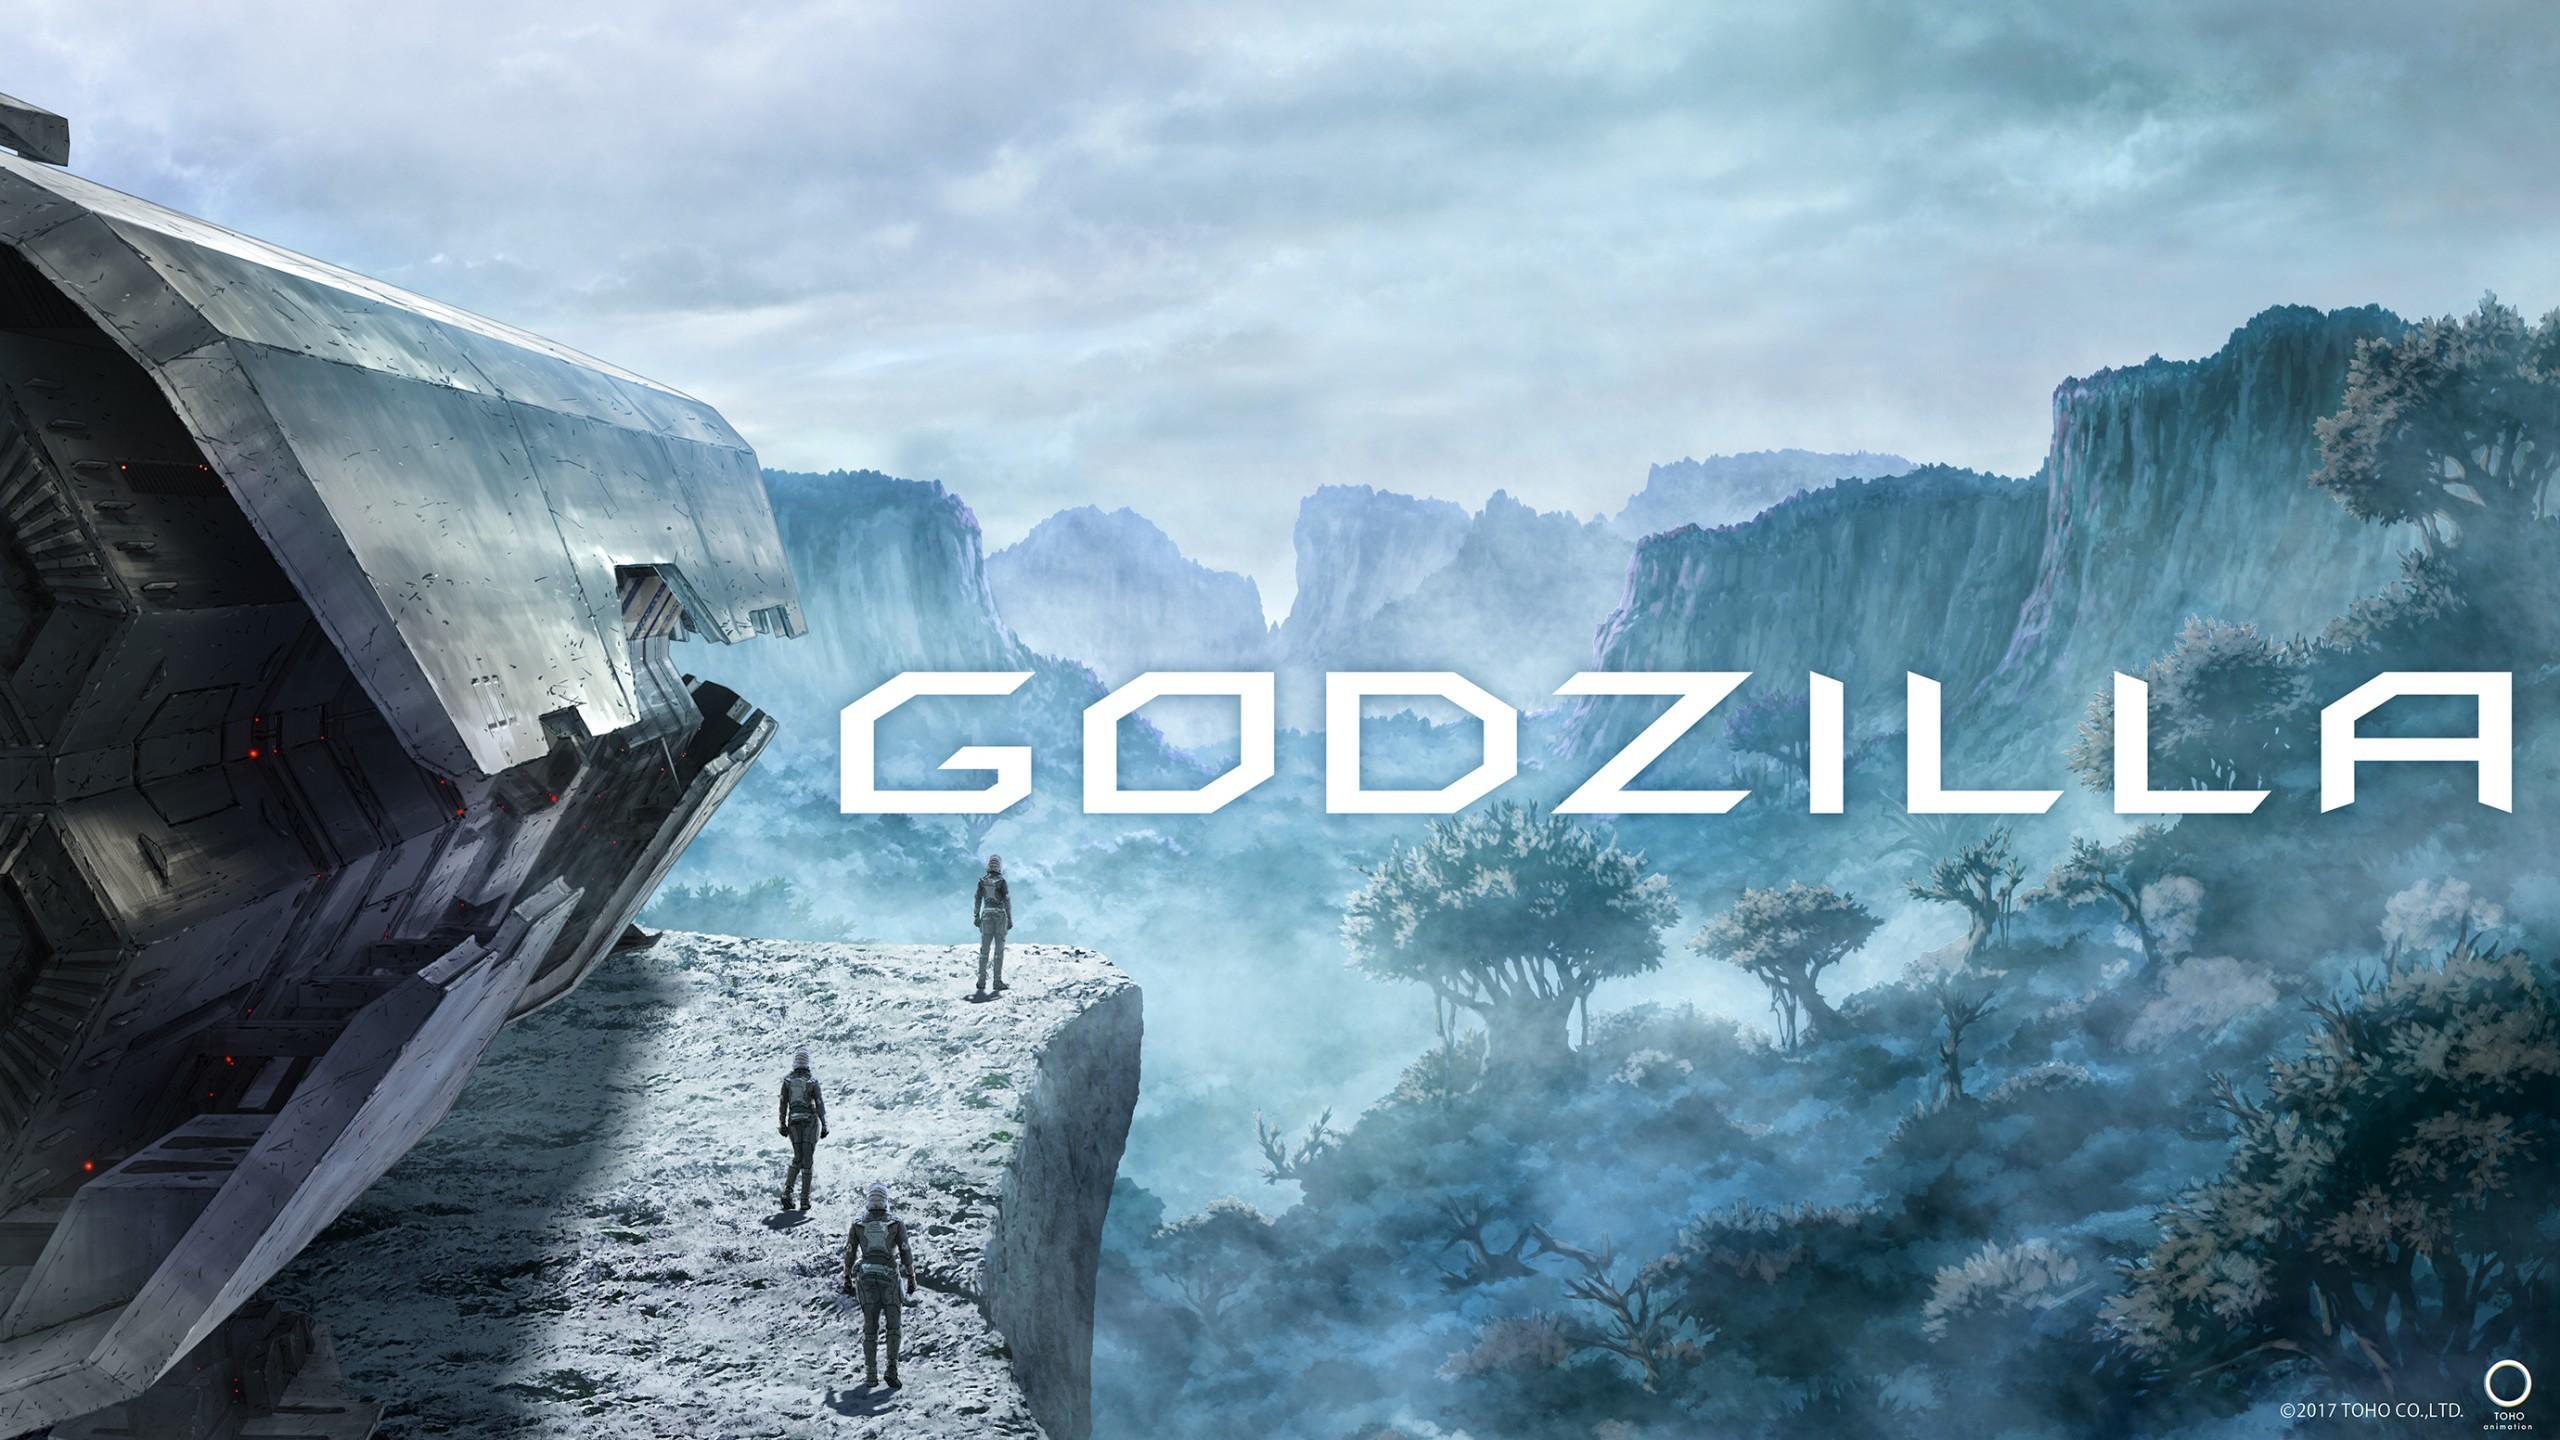 Anime / Godzilla Wallpaper